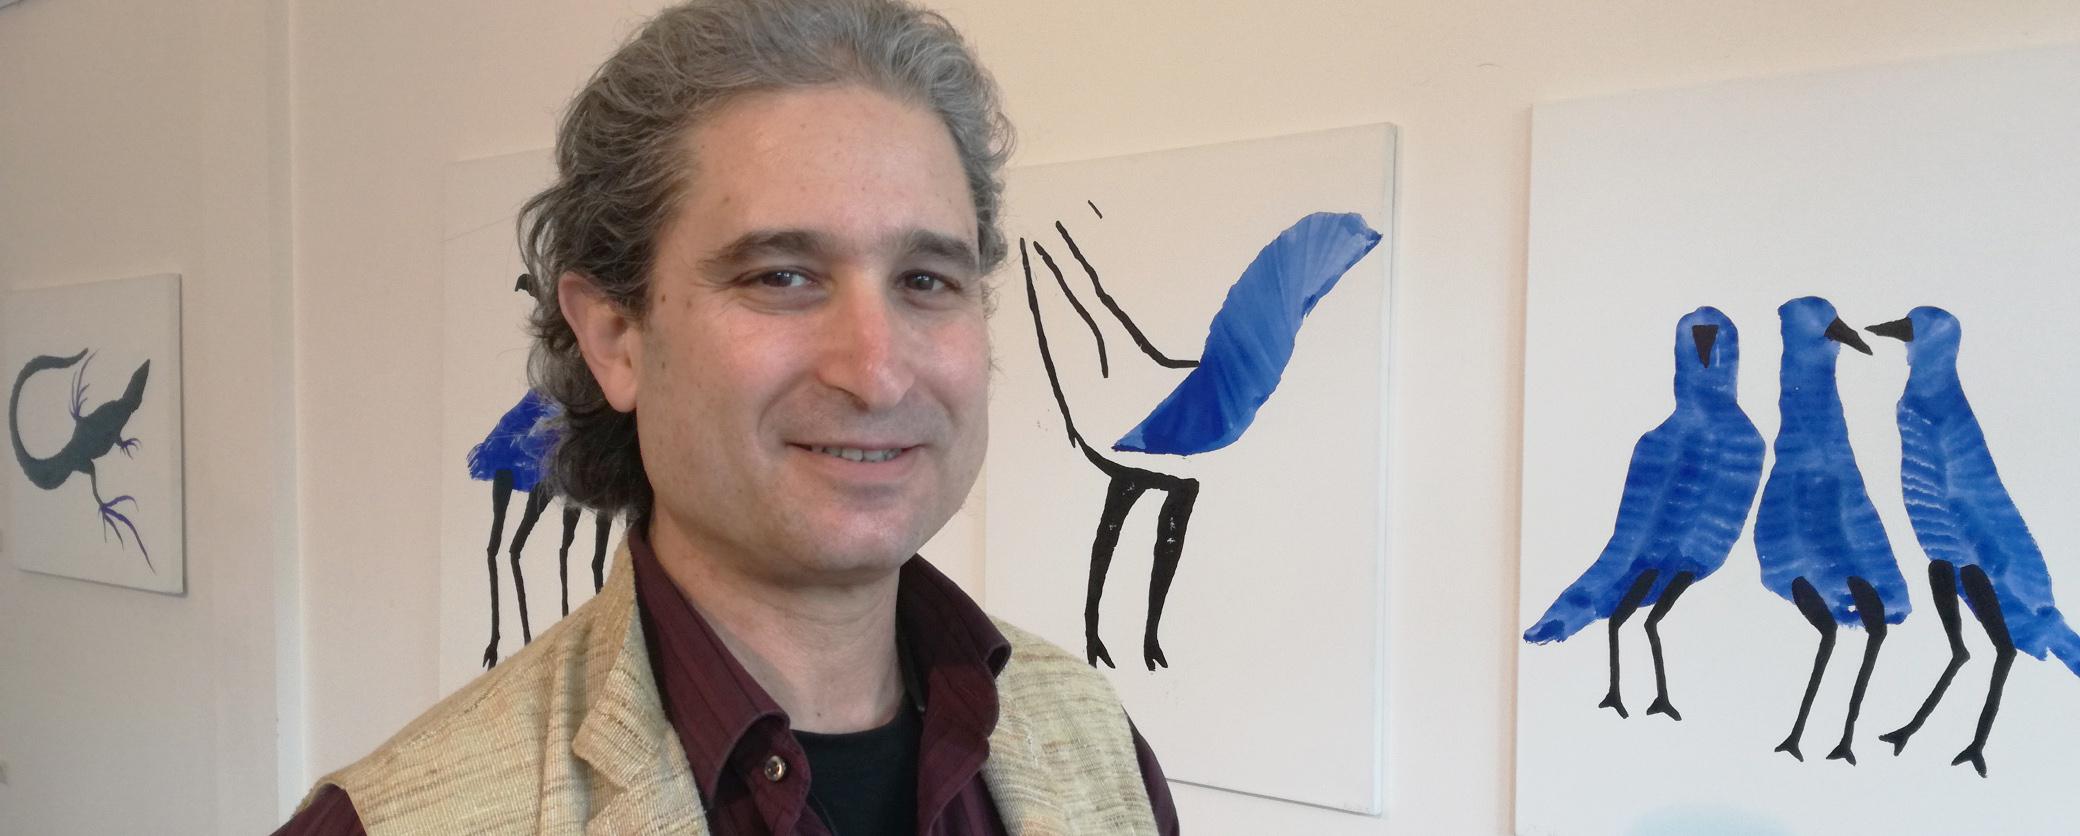 Kunstraum Hilden: Wie Abi Shek die Tierwelt sieht